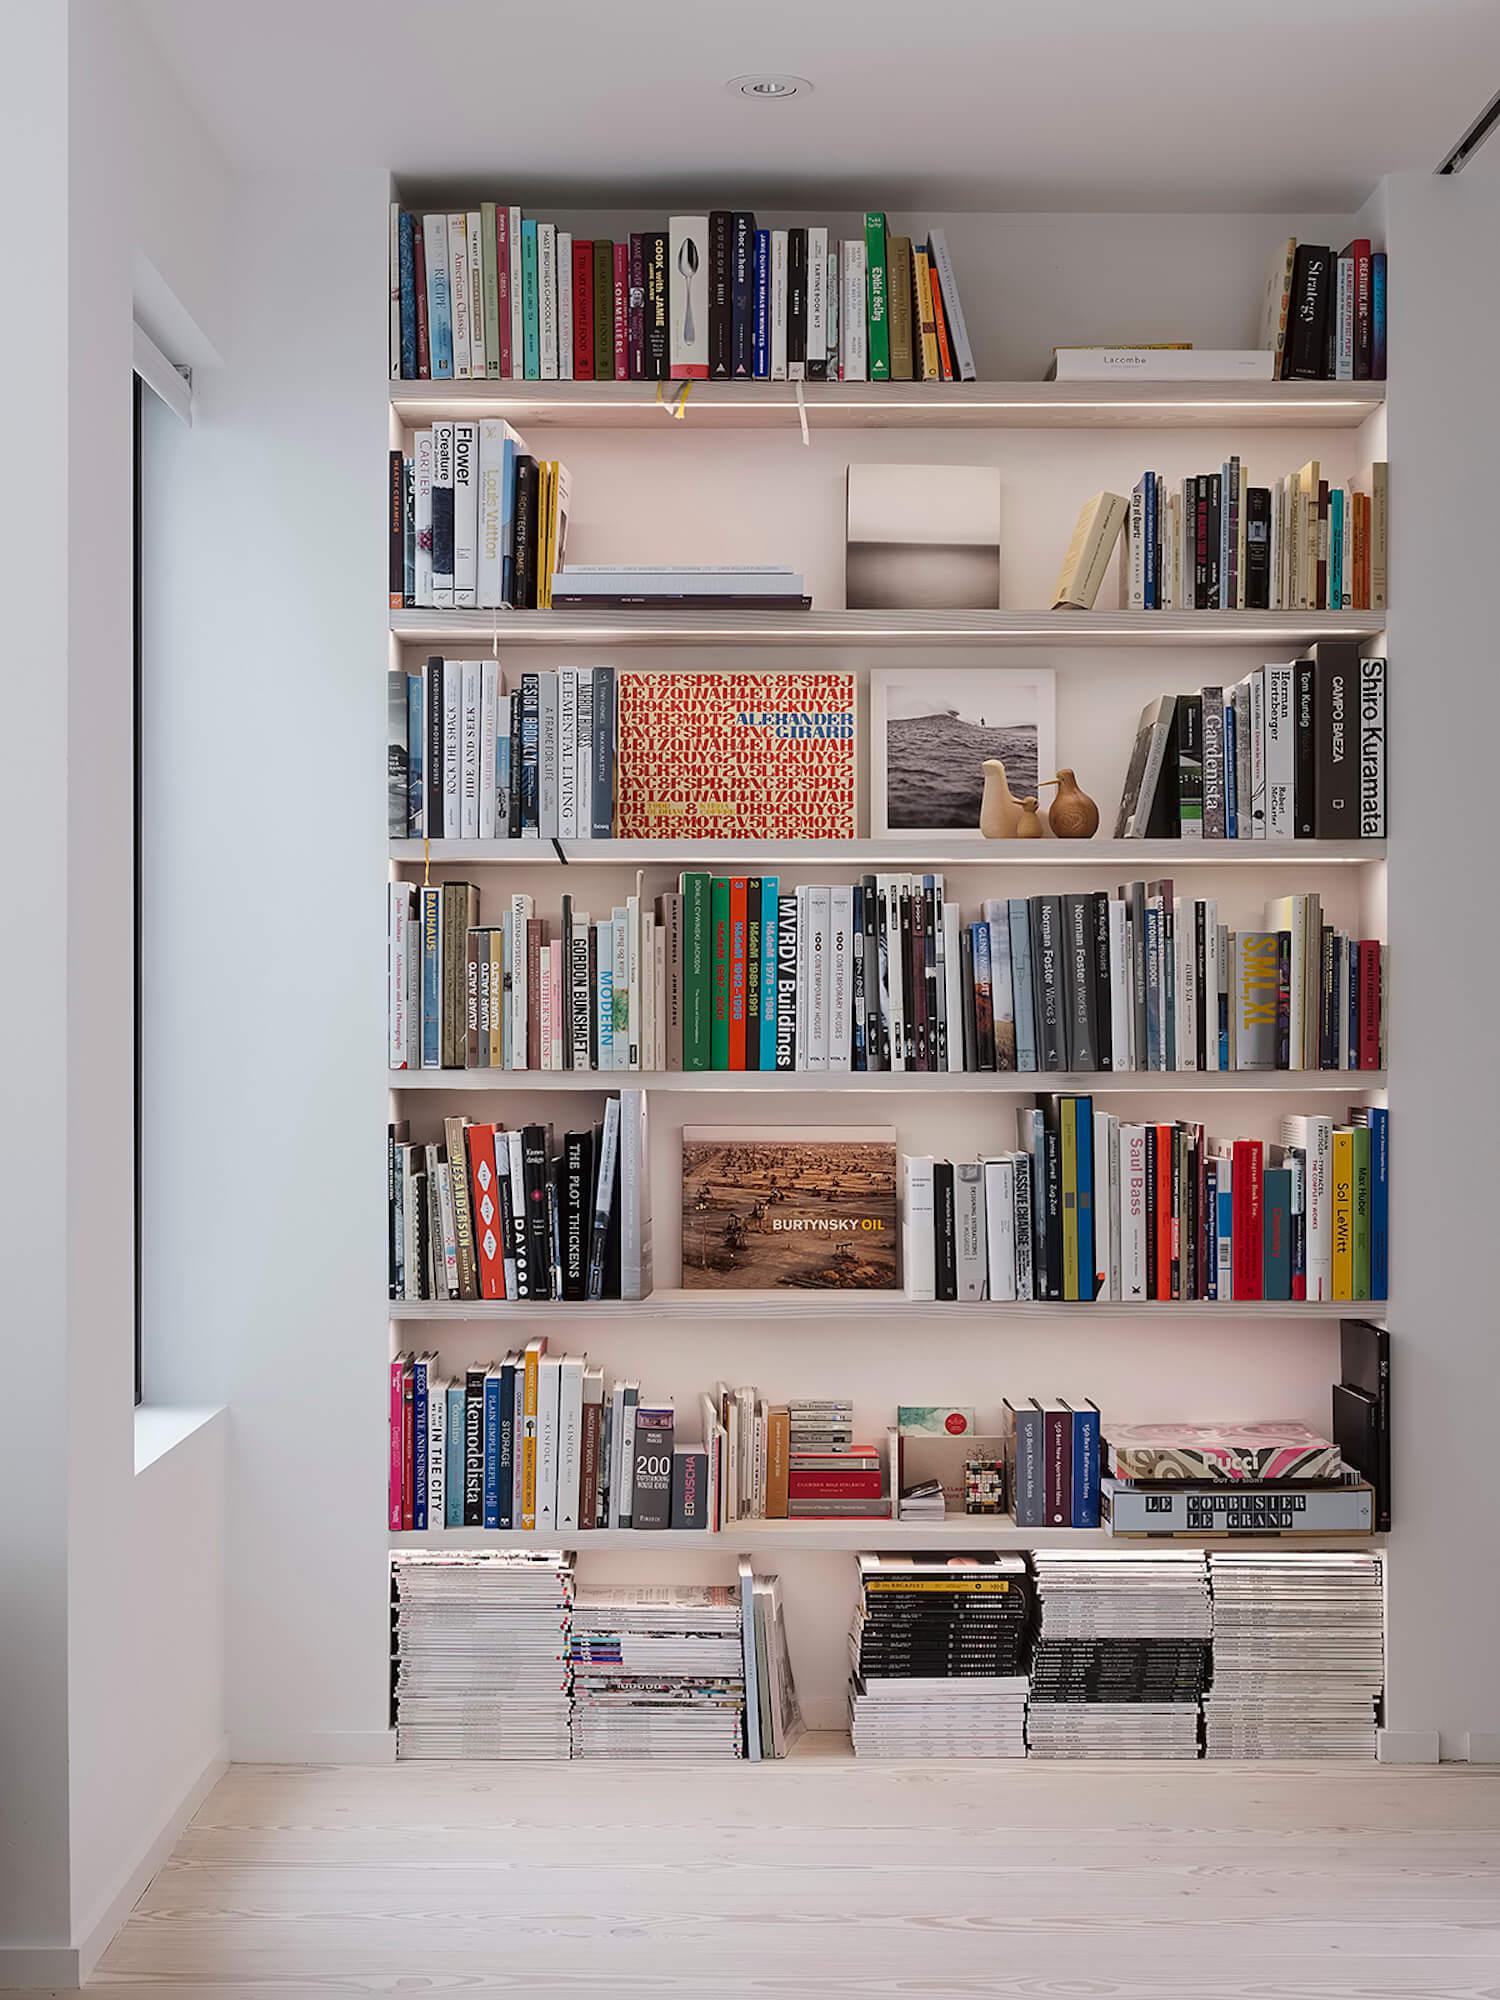 est living gable house edmonds lee architects 21